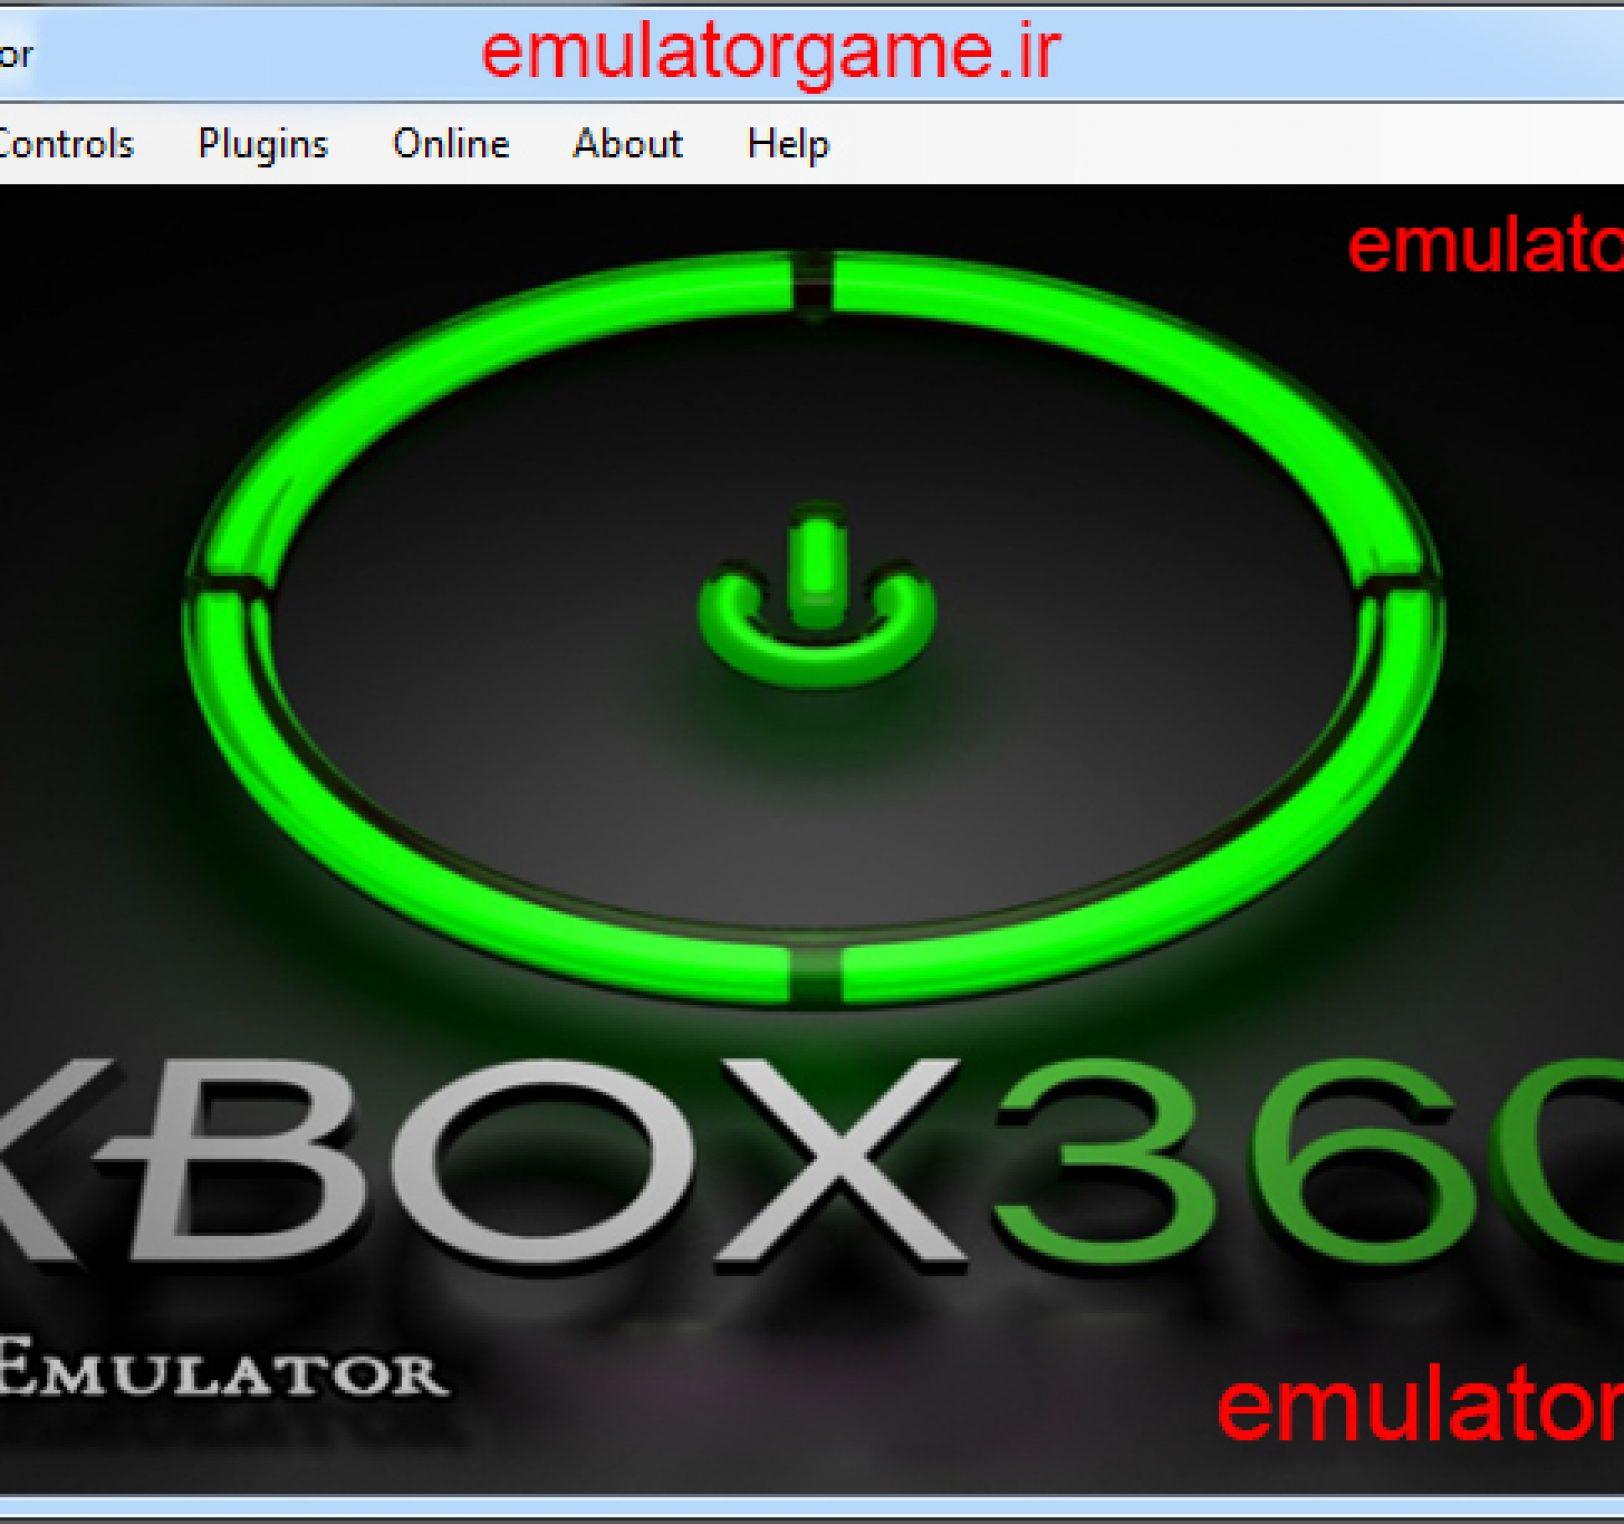 دانلود شبیه ساز Emulator xbox 360 کامپیوتر 2014